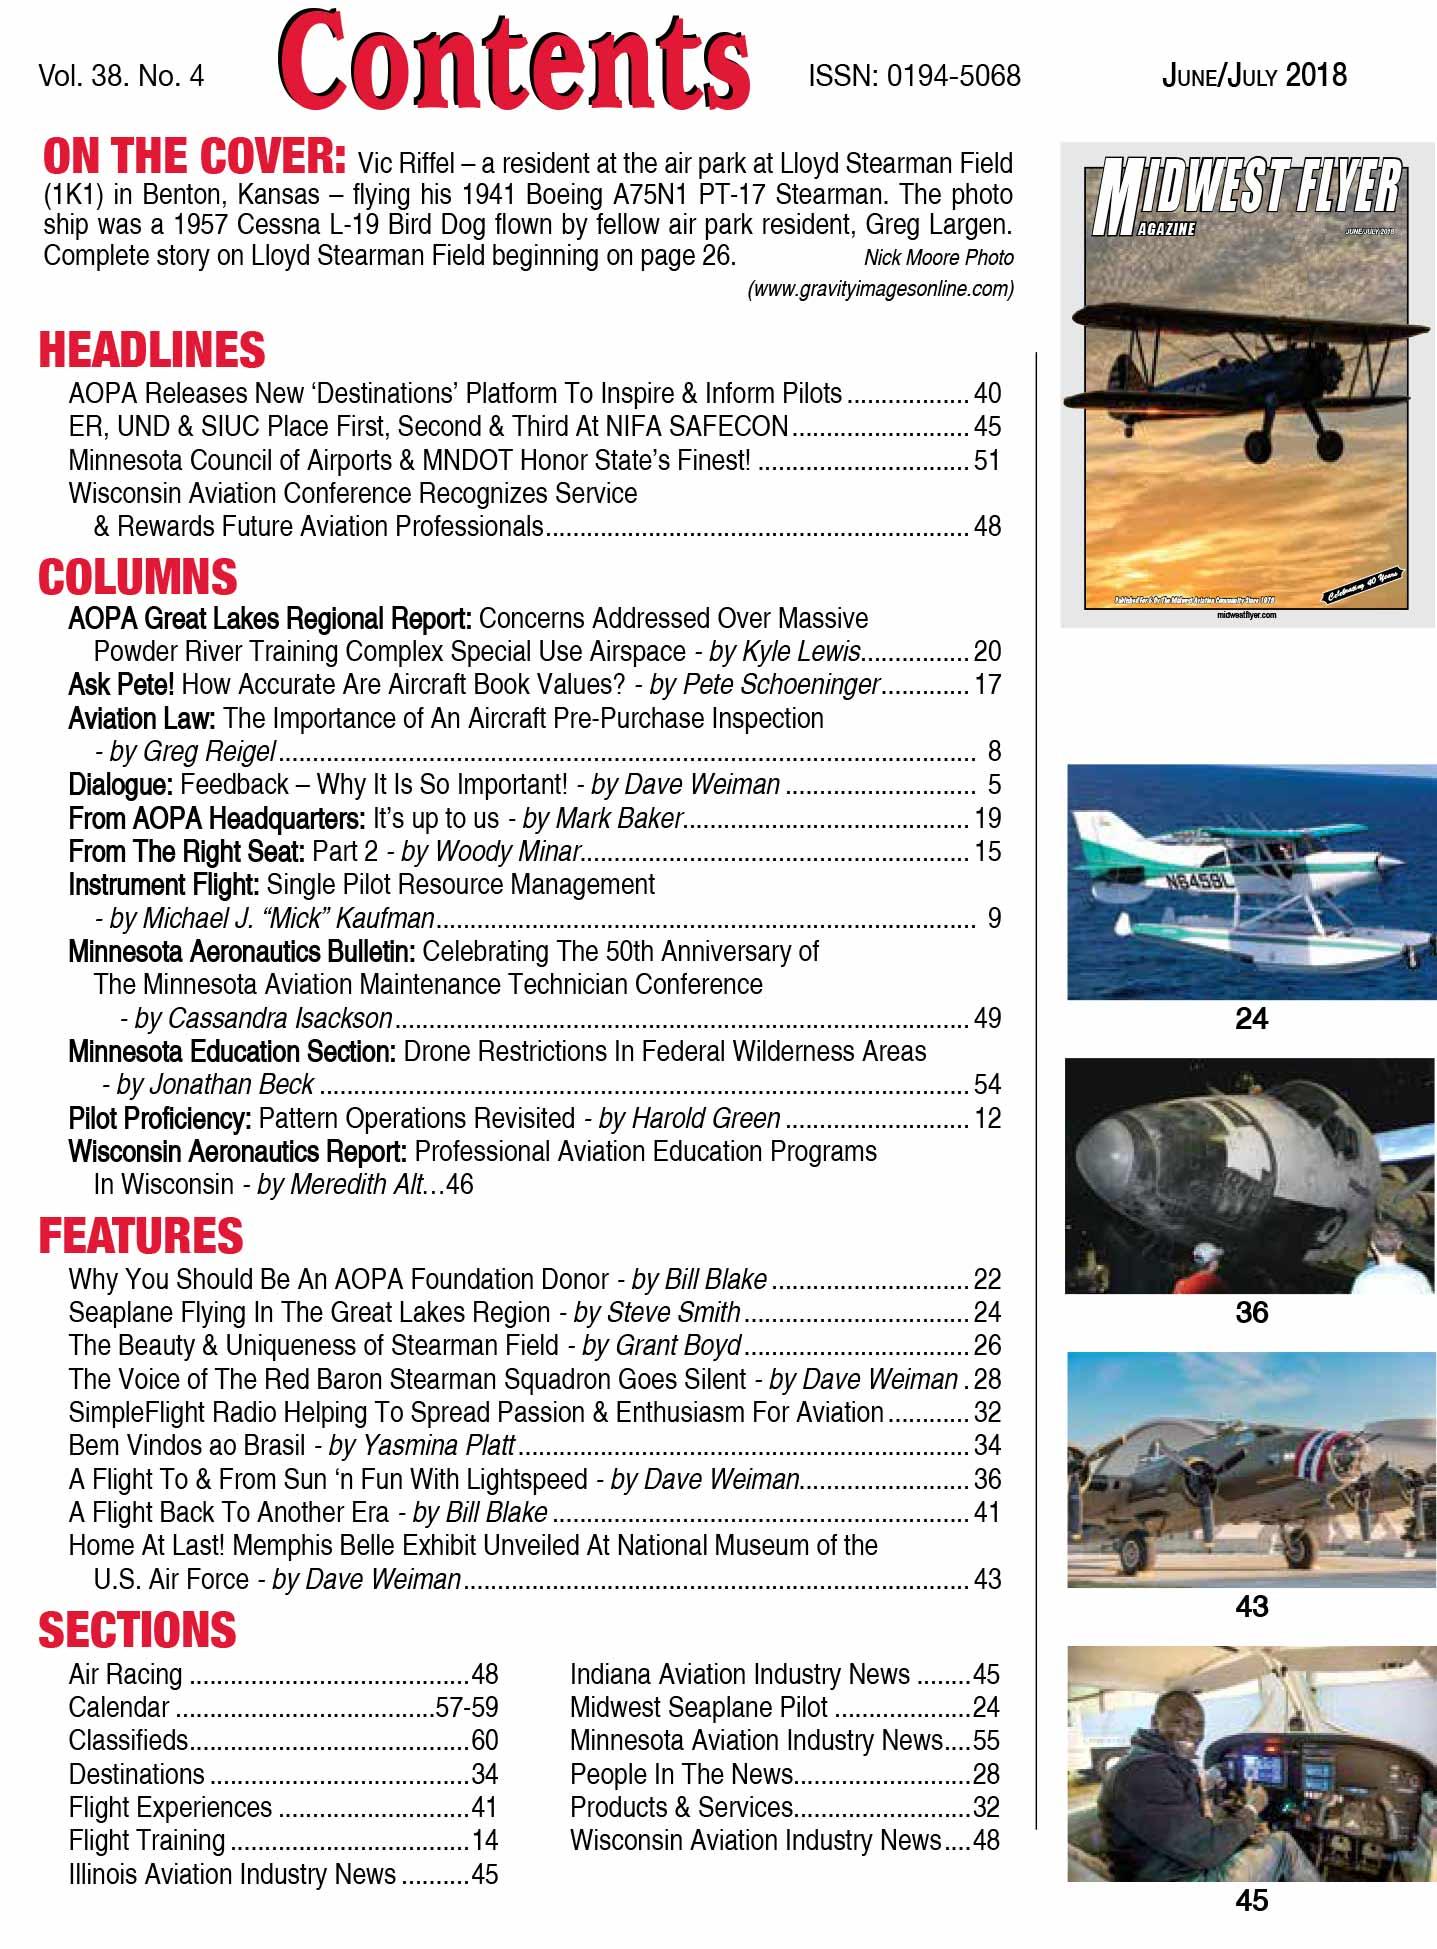 Midwest Flyer Magazine Contents - Jun/Jul